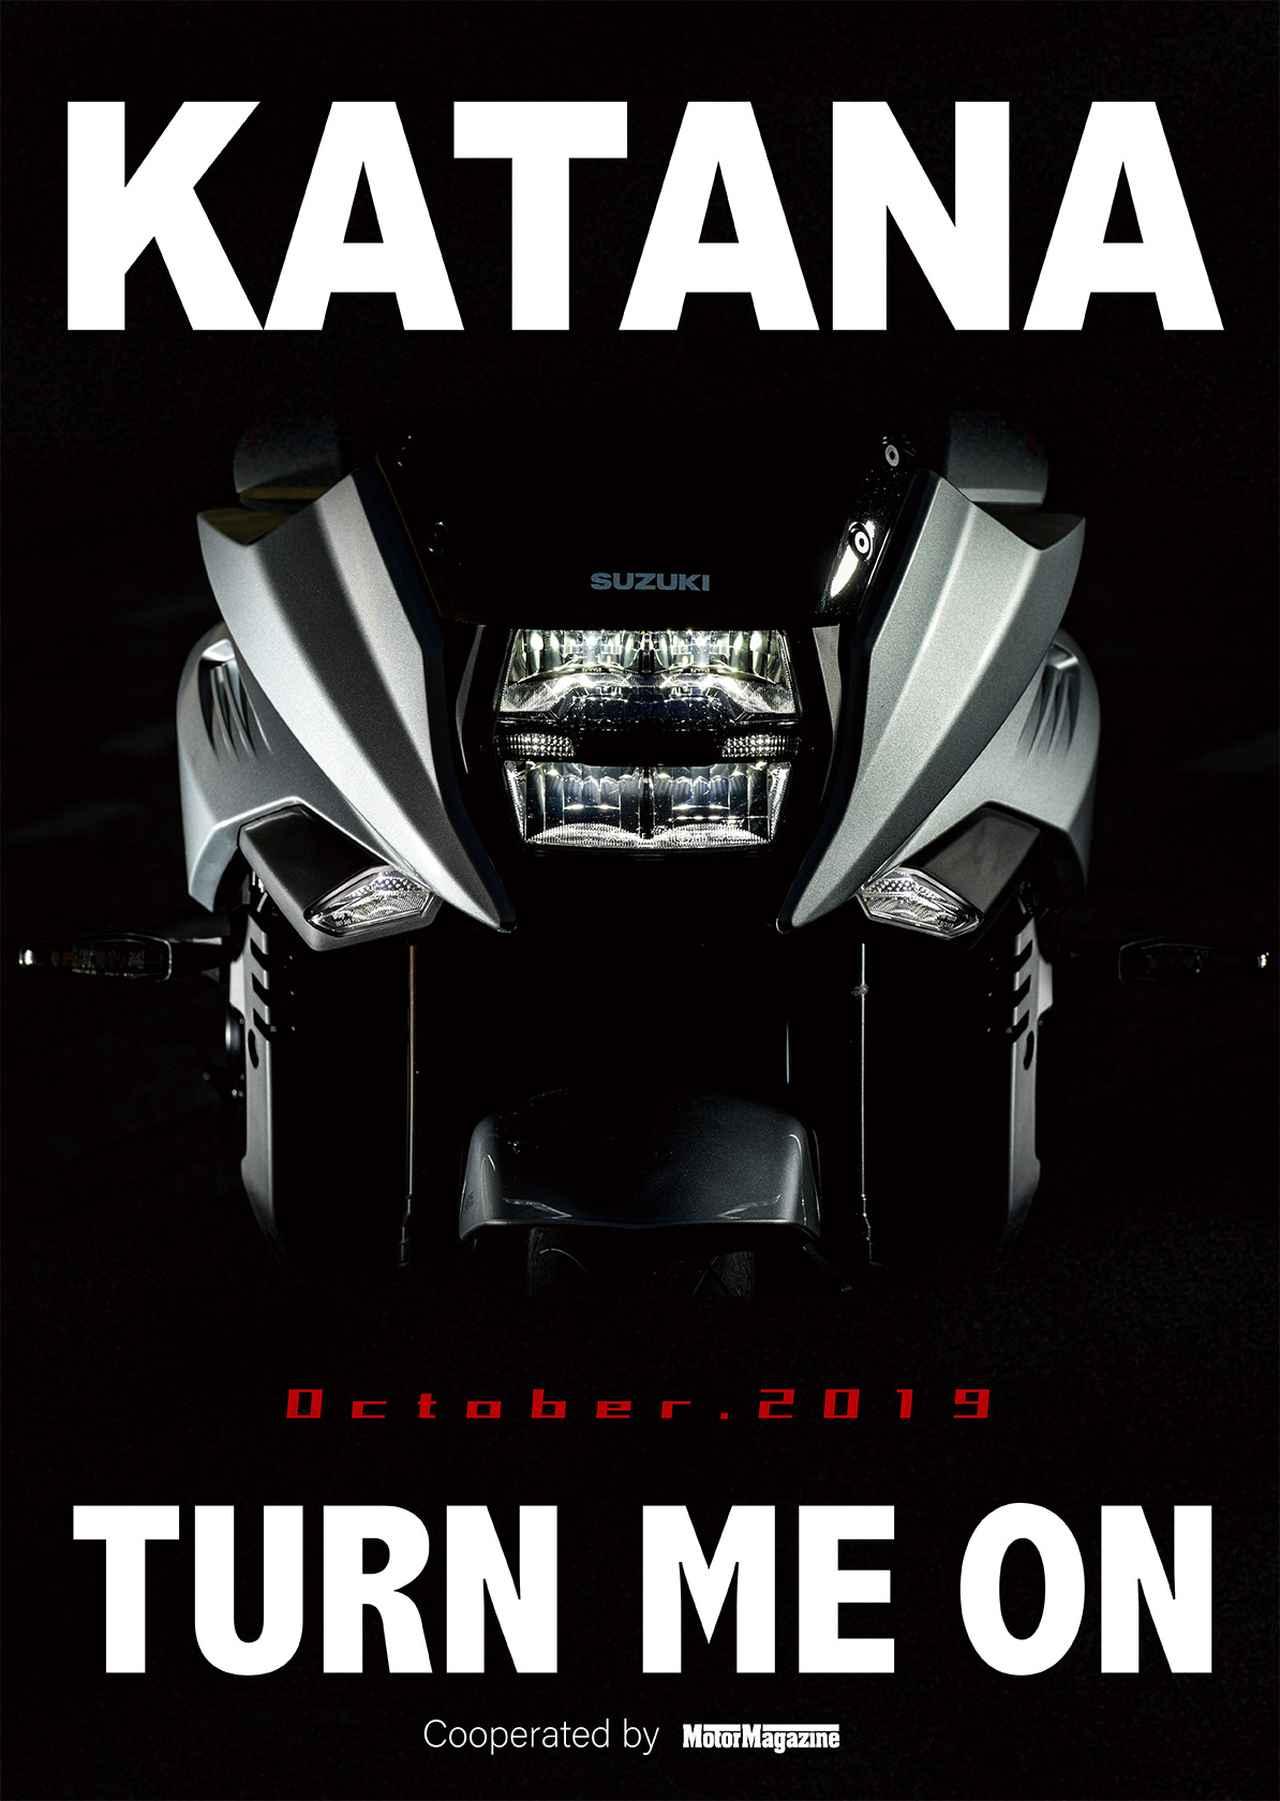 画像: 「KATANA TURN ME ON」produced by MotorMagazine Ltd.